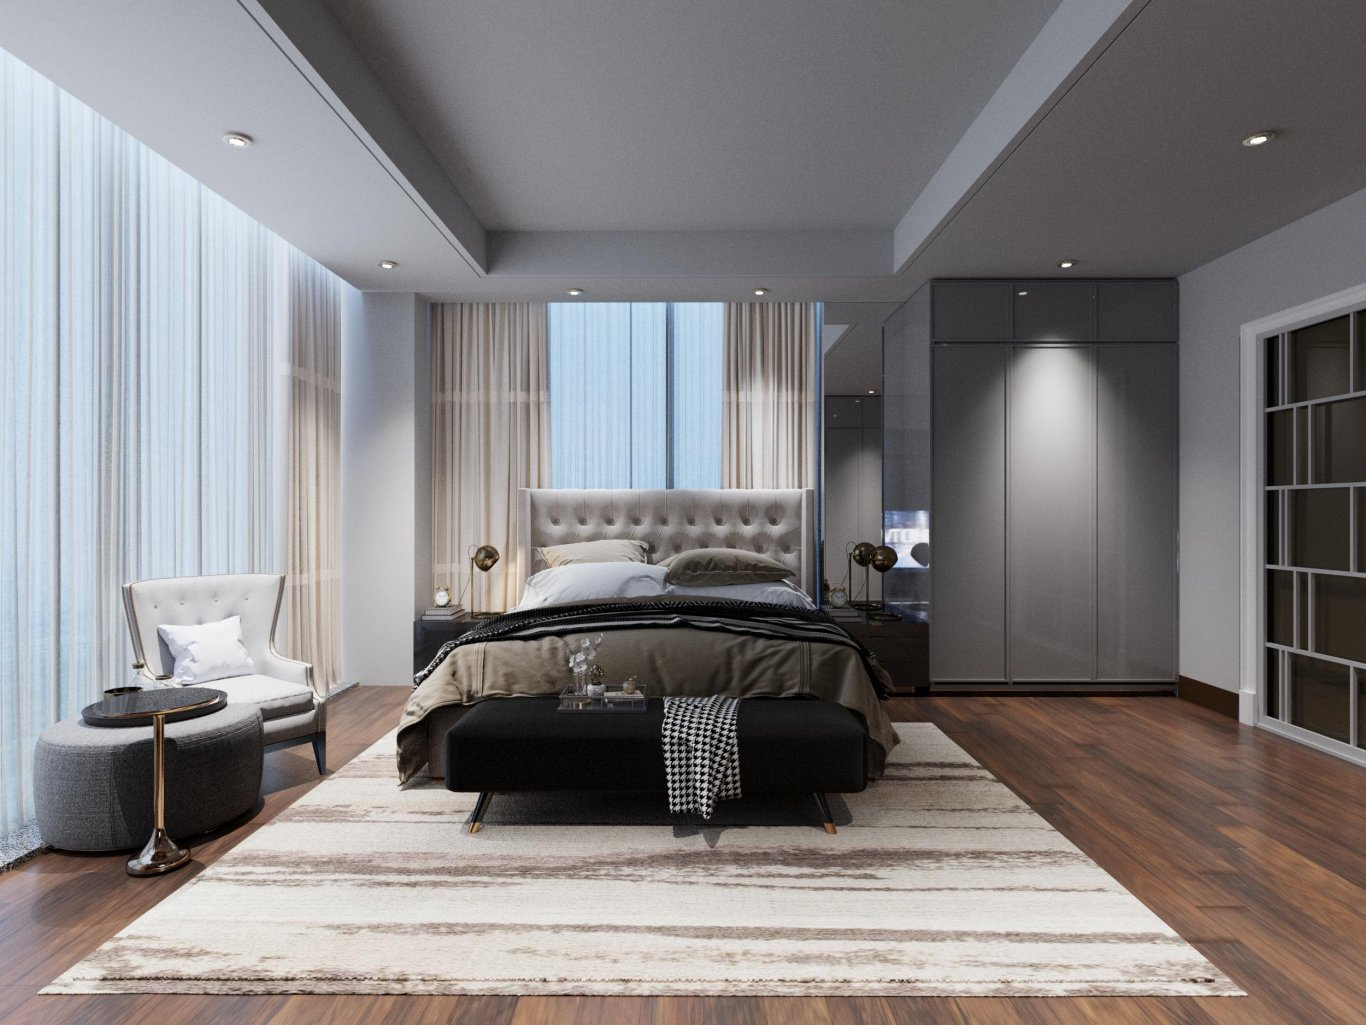 Phòng ngủ được có ánh sáng đèn dịu nhẹ